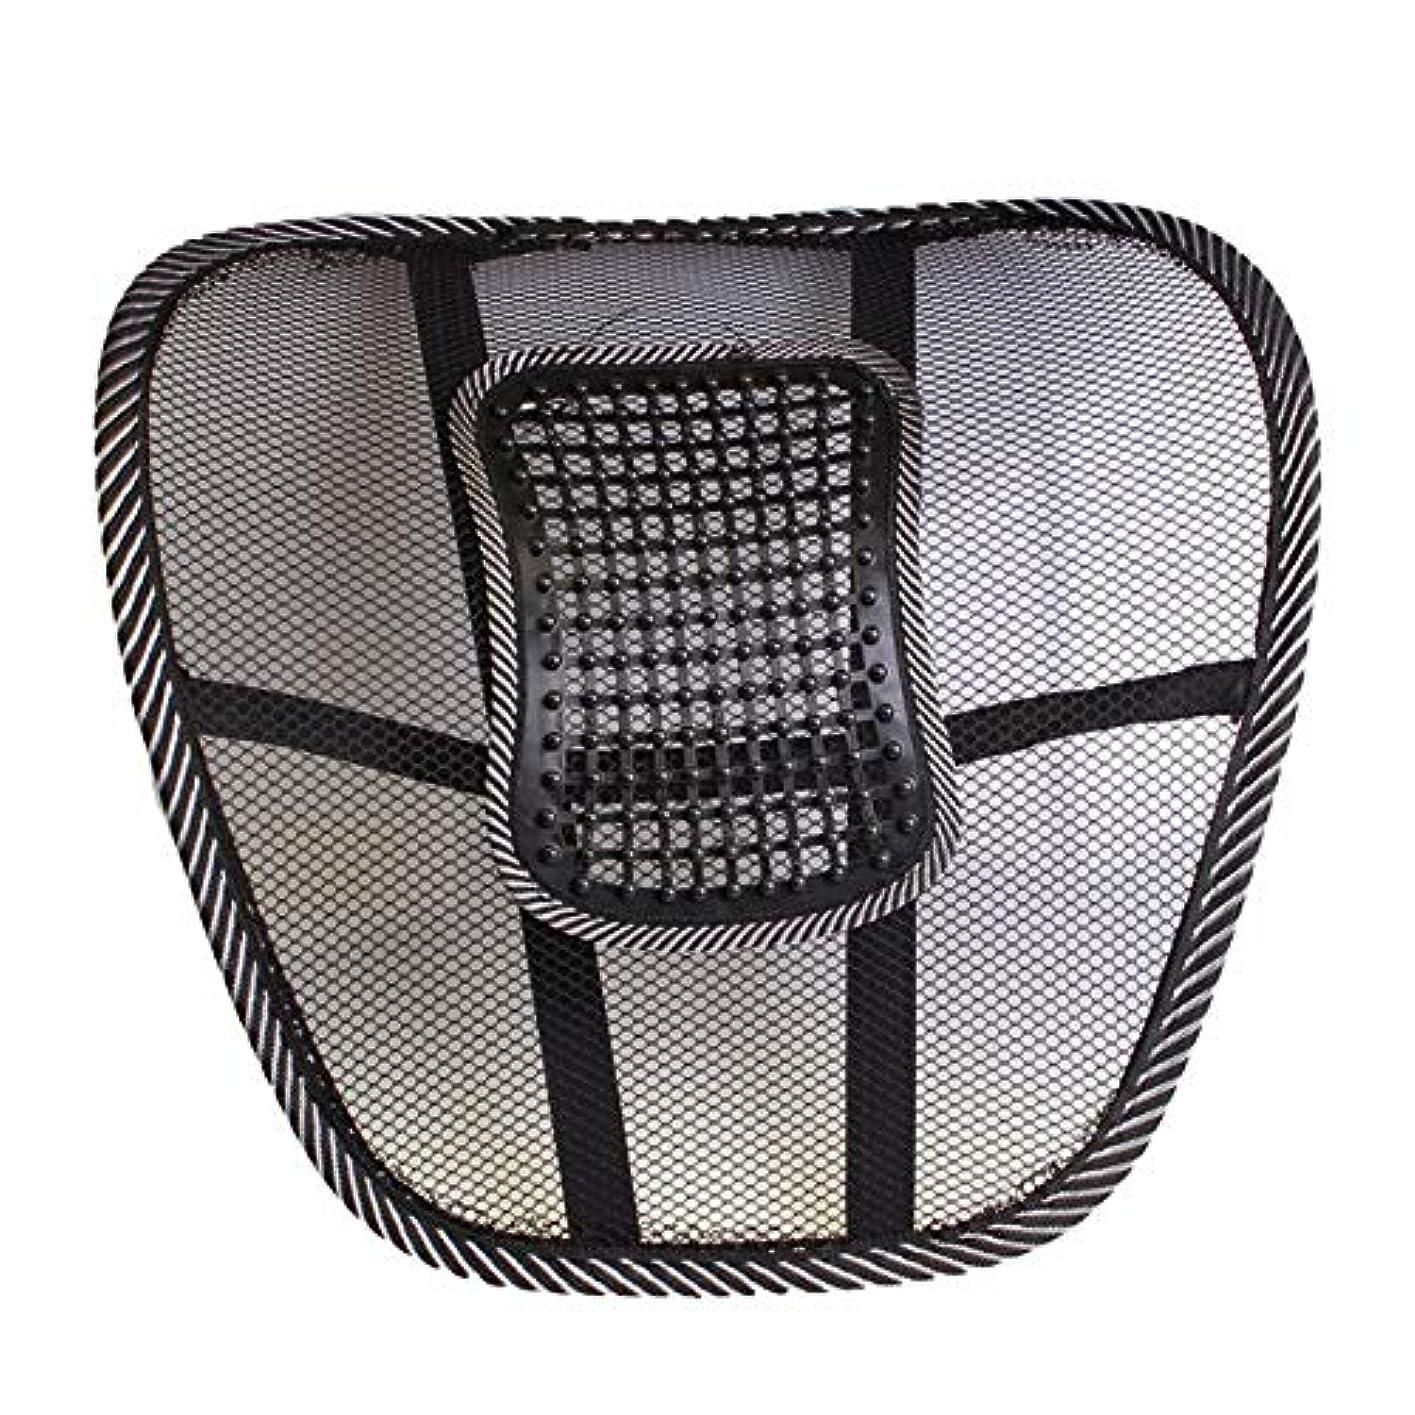 排出悪質な原理メッシュカバー付き腰椎サポートクッション腰痛緩和のためのバランスのとれた硬さ - 理想的なバックピロー